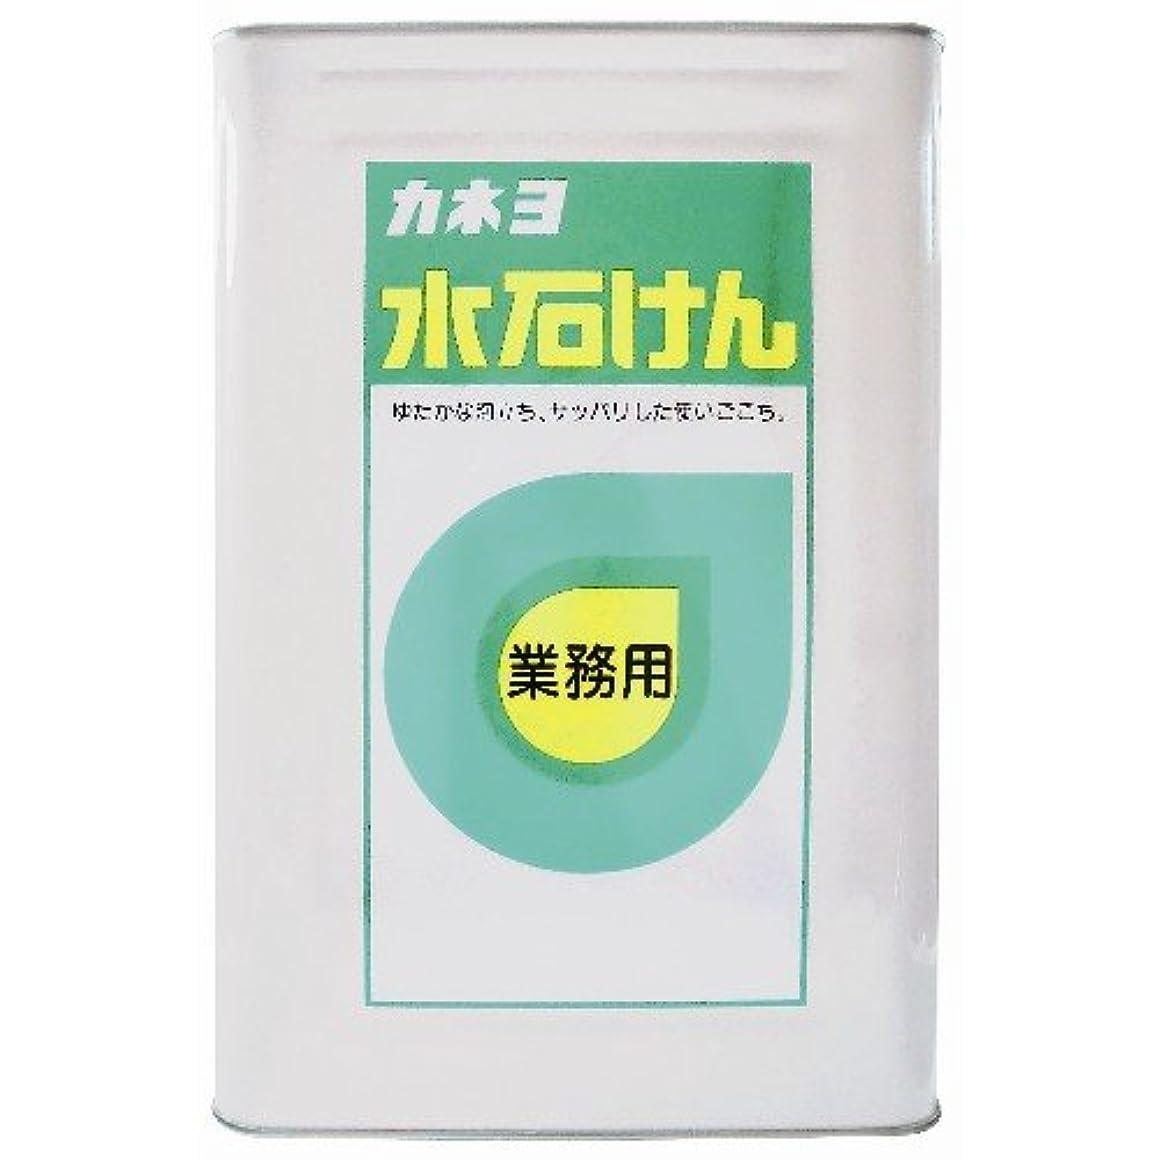 半導体カーペットサラダ【大容量】 カネヨ石鹸 ハンドソープ 水石けん 液体 業務用 18L 一斗缶